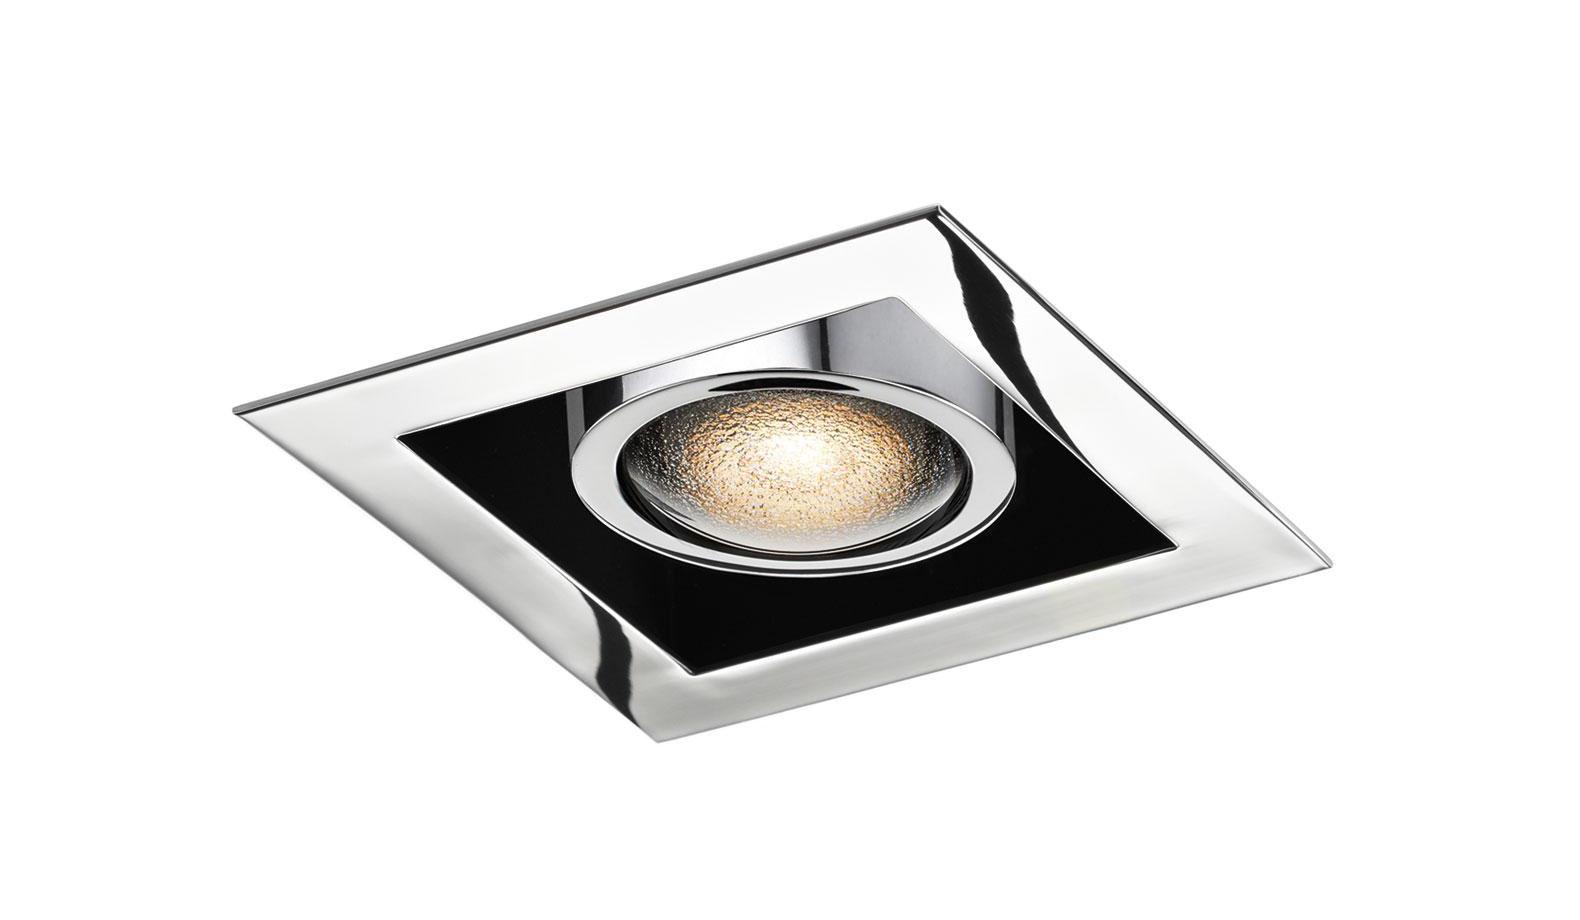 Recessed ceiling spotlight / indoor / LED / square - CRANNY : MONO R ... for Ceiling Spot Light Square  56bof